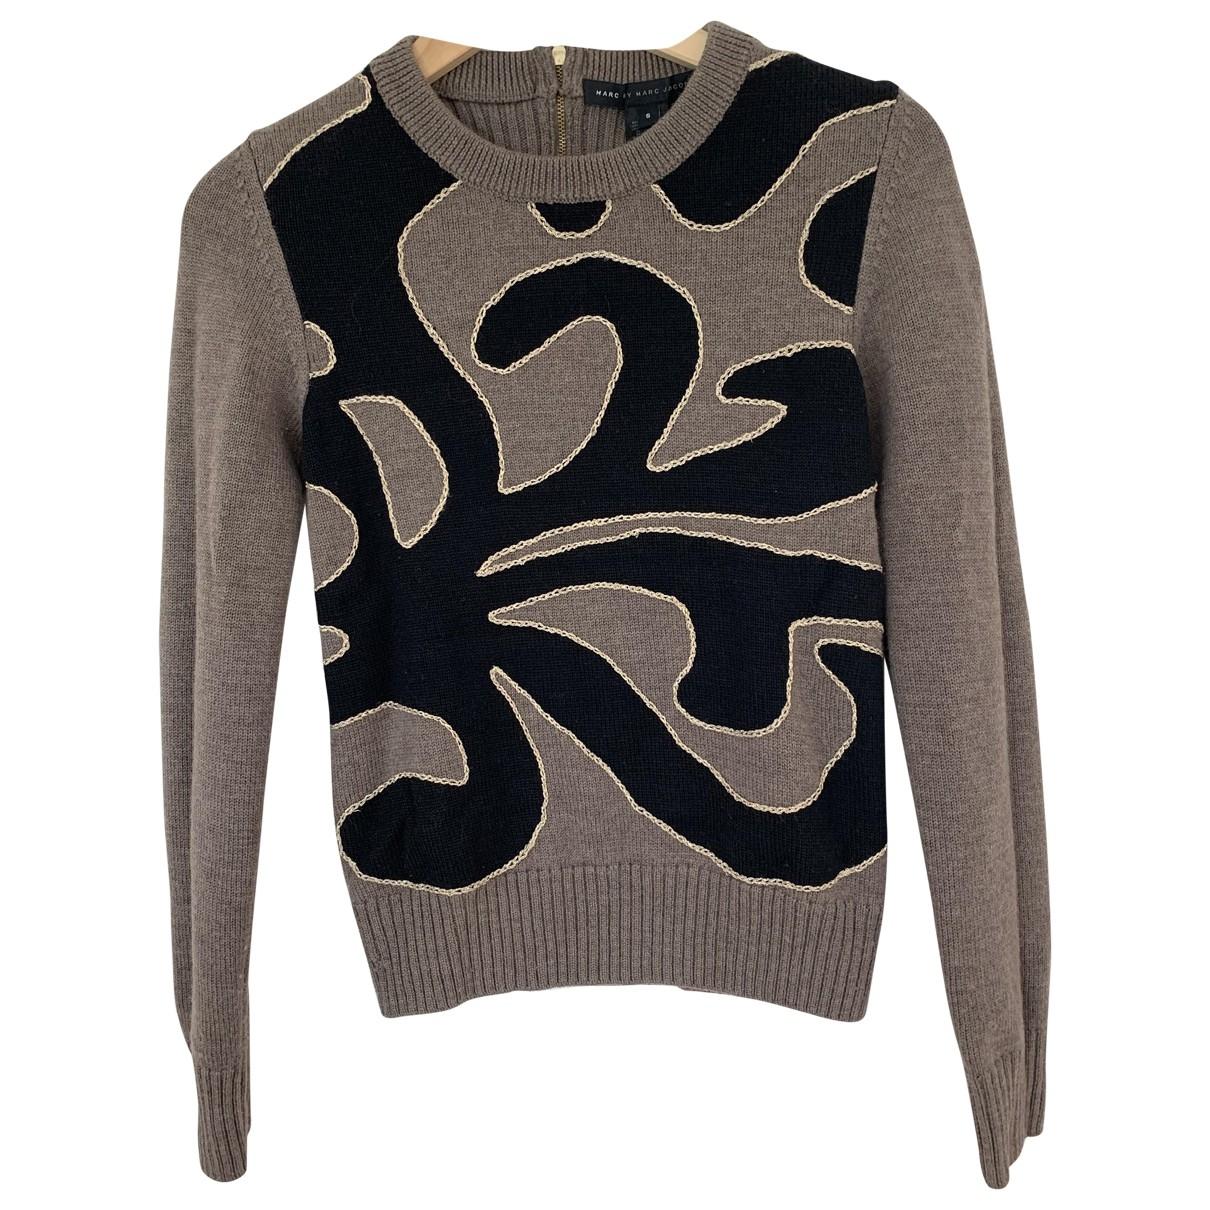 Marc By Marc Jacobs \N Beige Wool Knitwear for Women S International